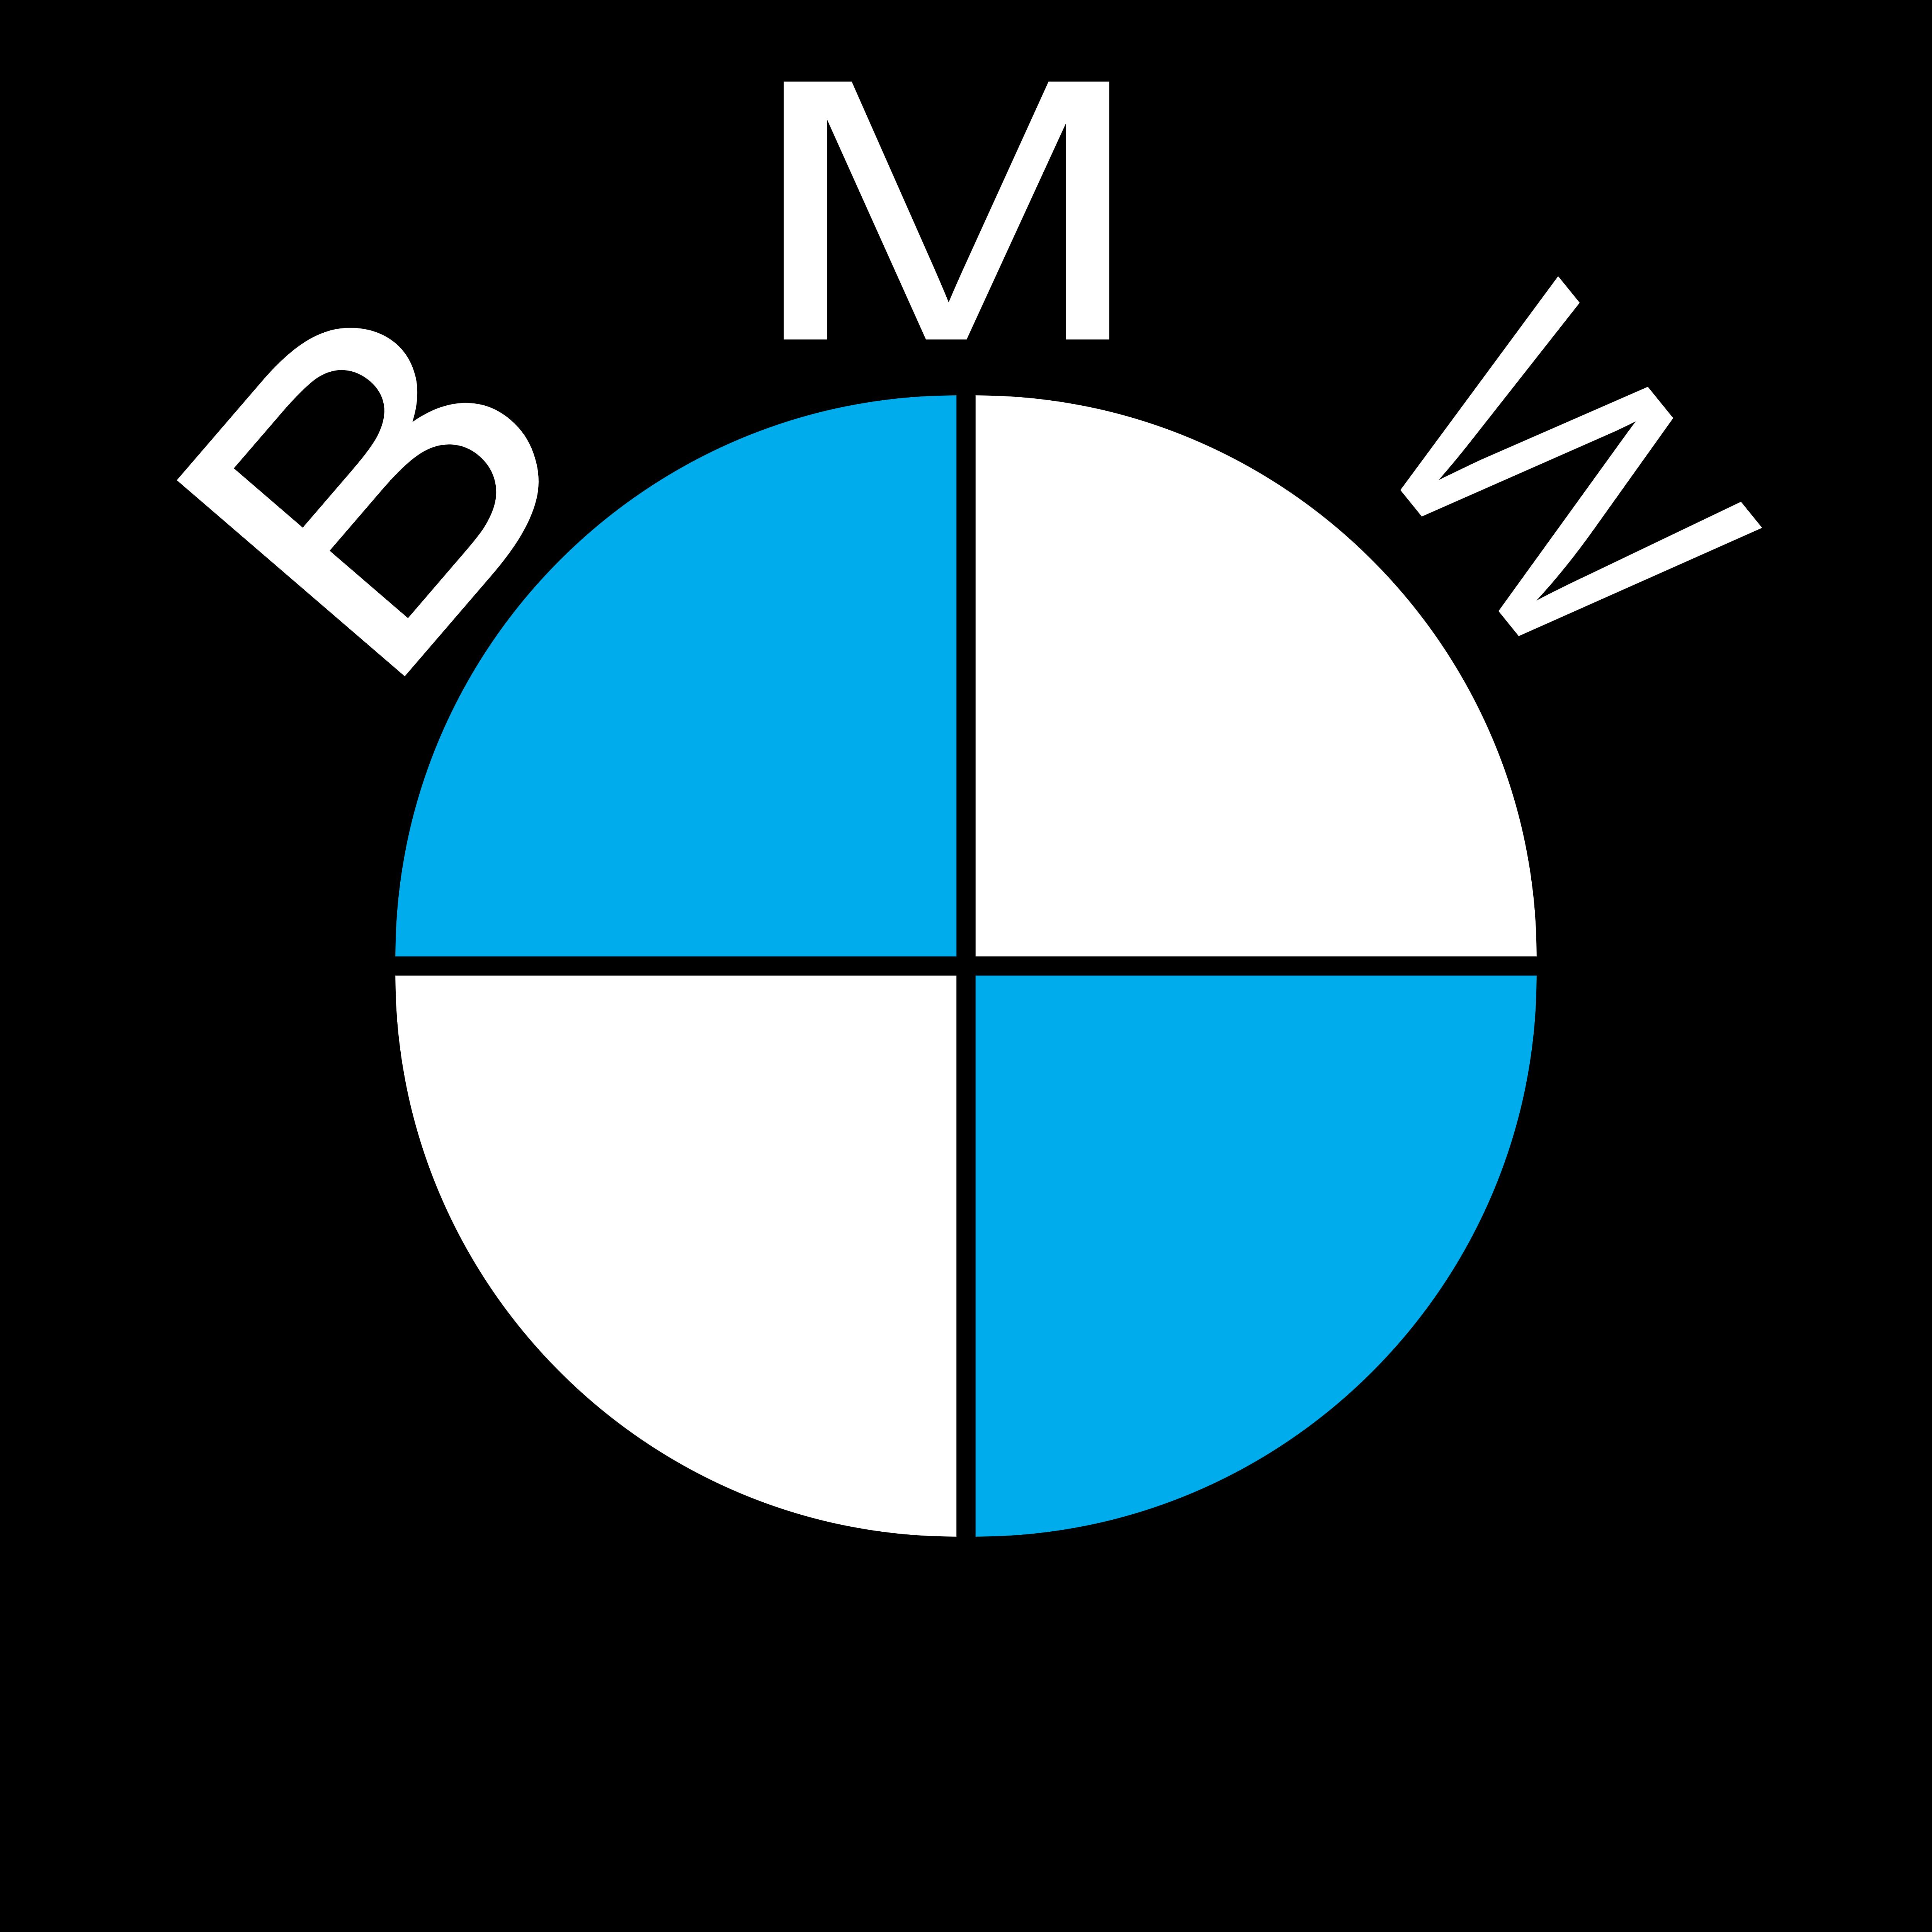 Bmw Logos Download